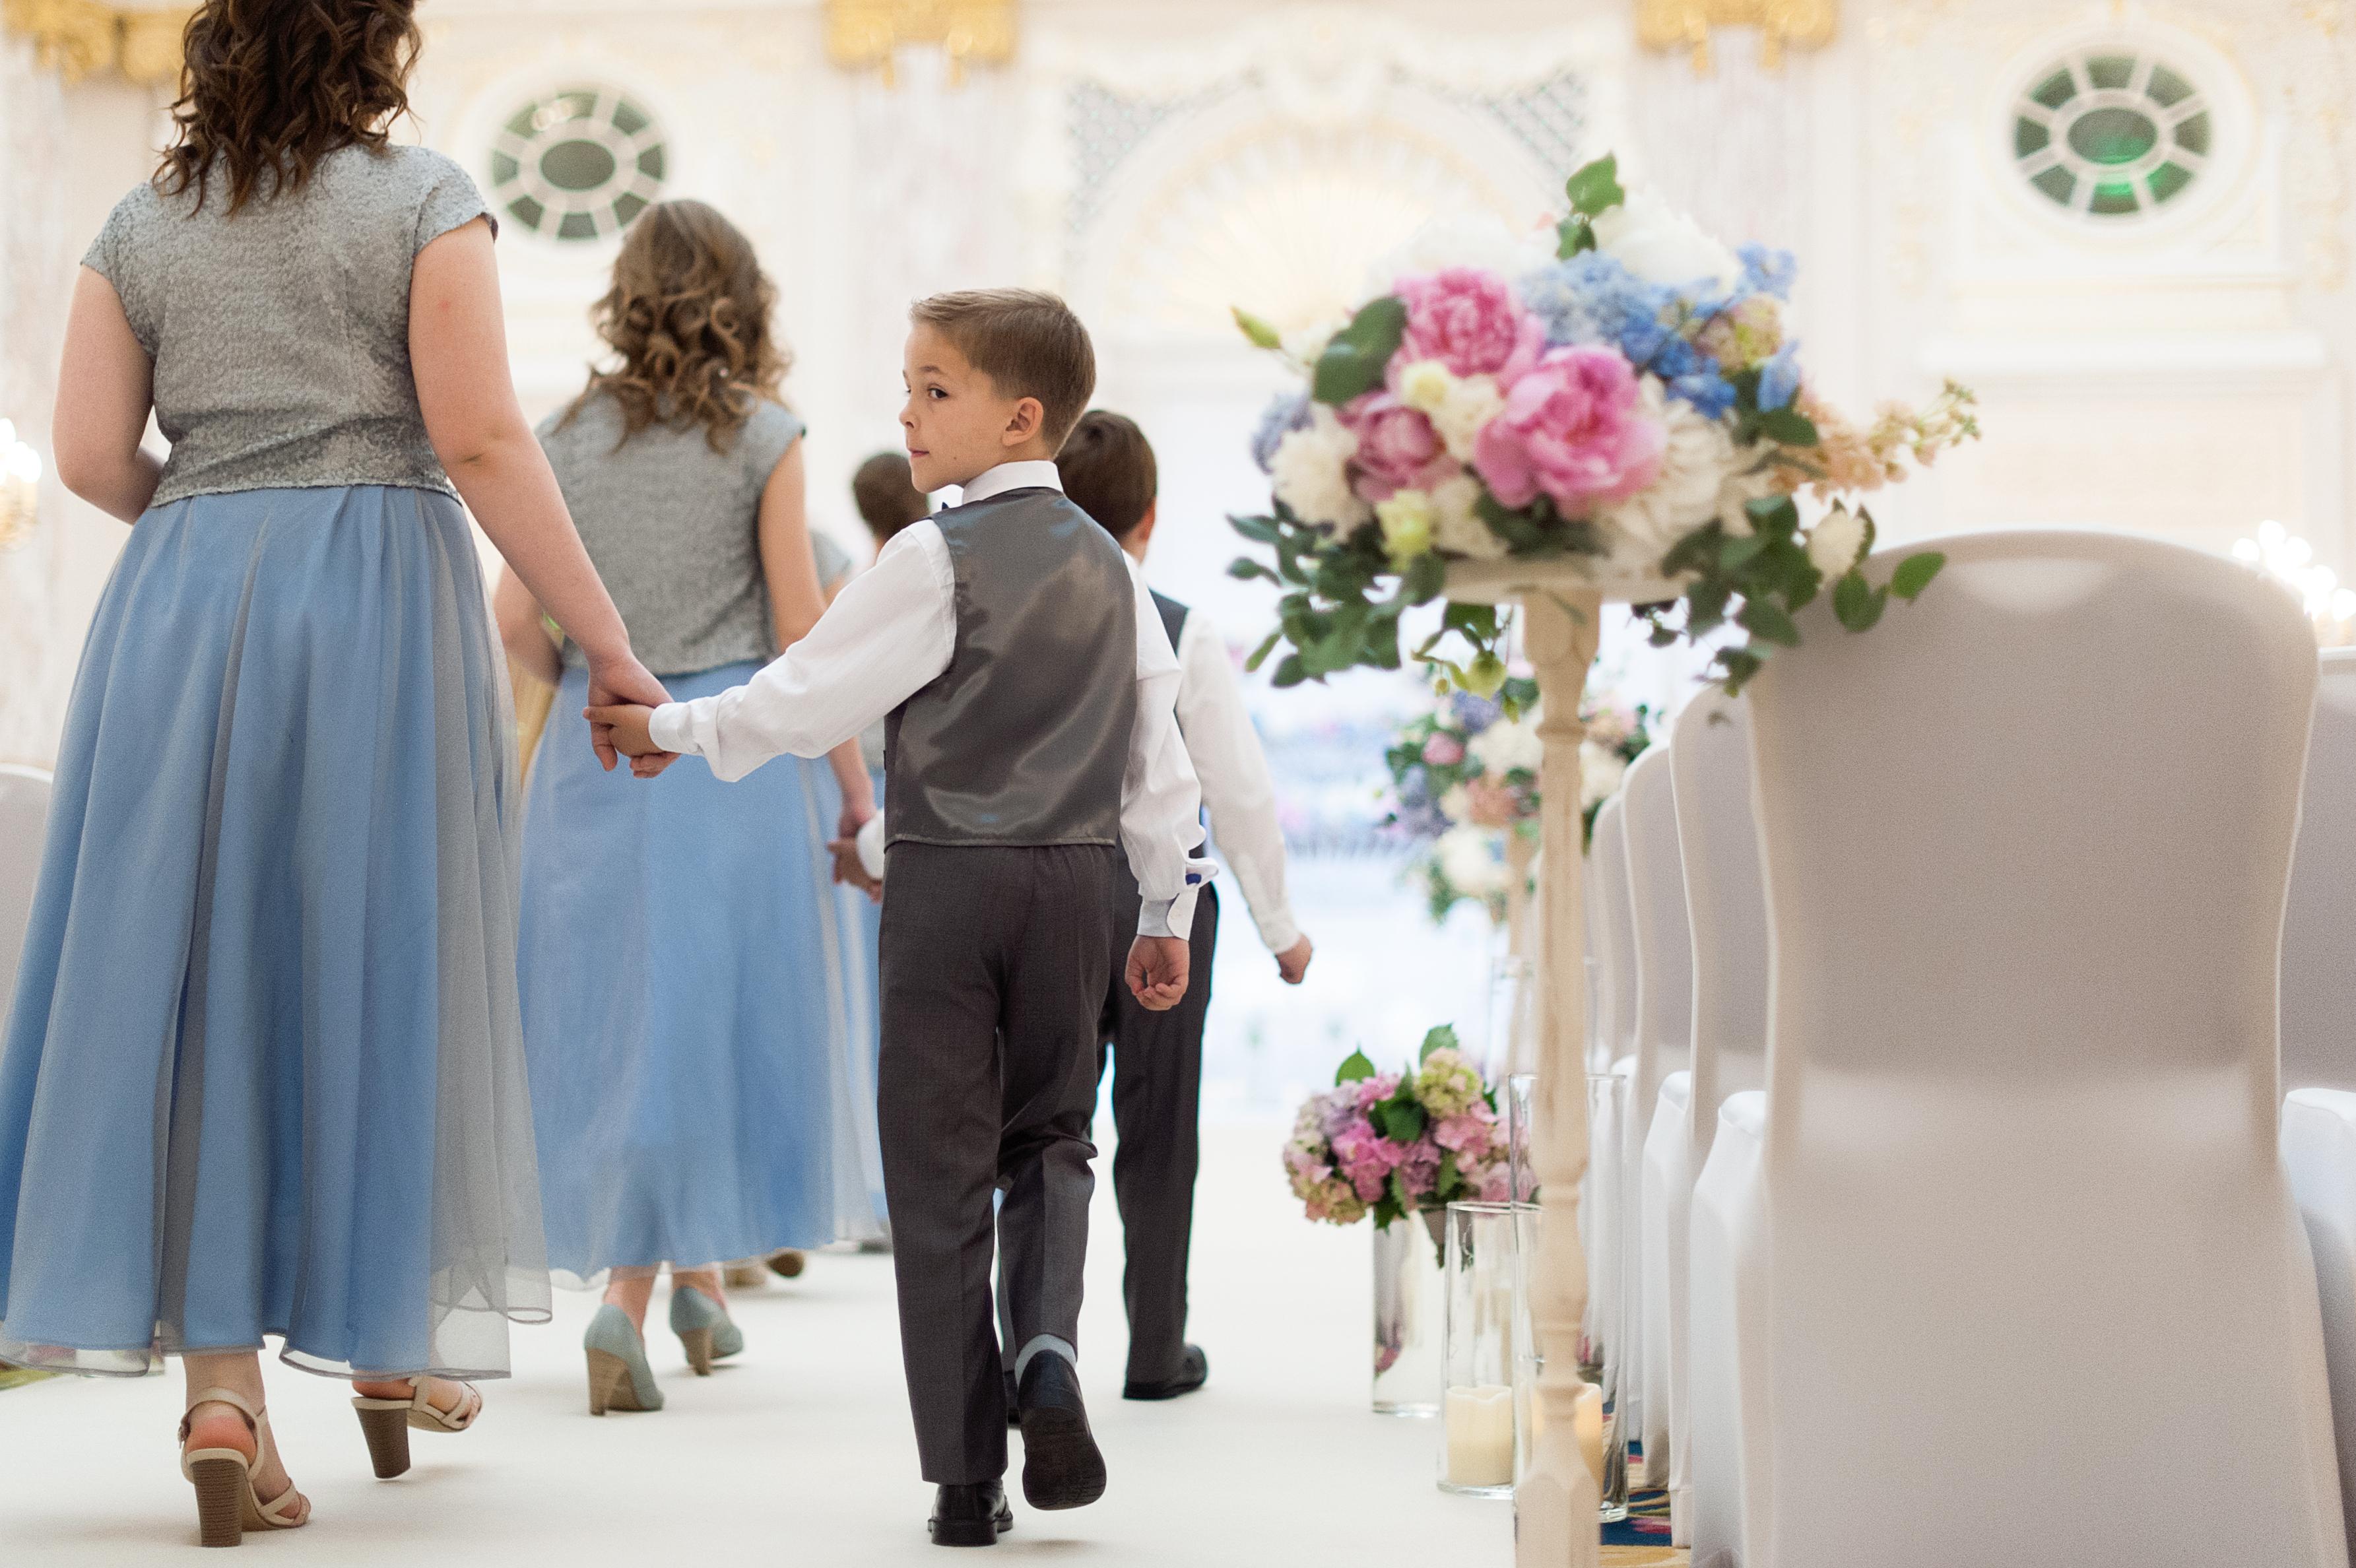 Адже молодята бажали поєднати у своєму святі зрозумілі обом націям традиції  та ритуали. Особливо популярними є весілля в американському стилі. 791419dd08241